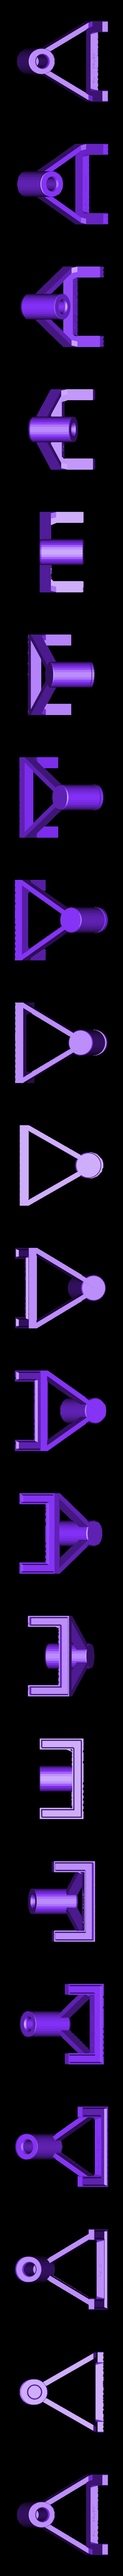 Support_bobine_Rev2_5.stl Télécharger fichier STL gratuit Porte bobine • Plan pour imprimante 3D, Simdid